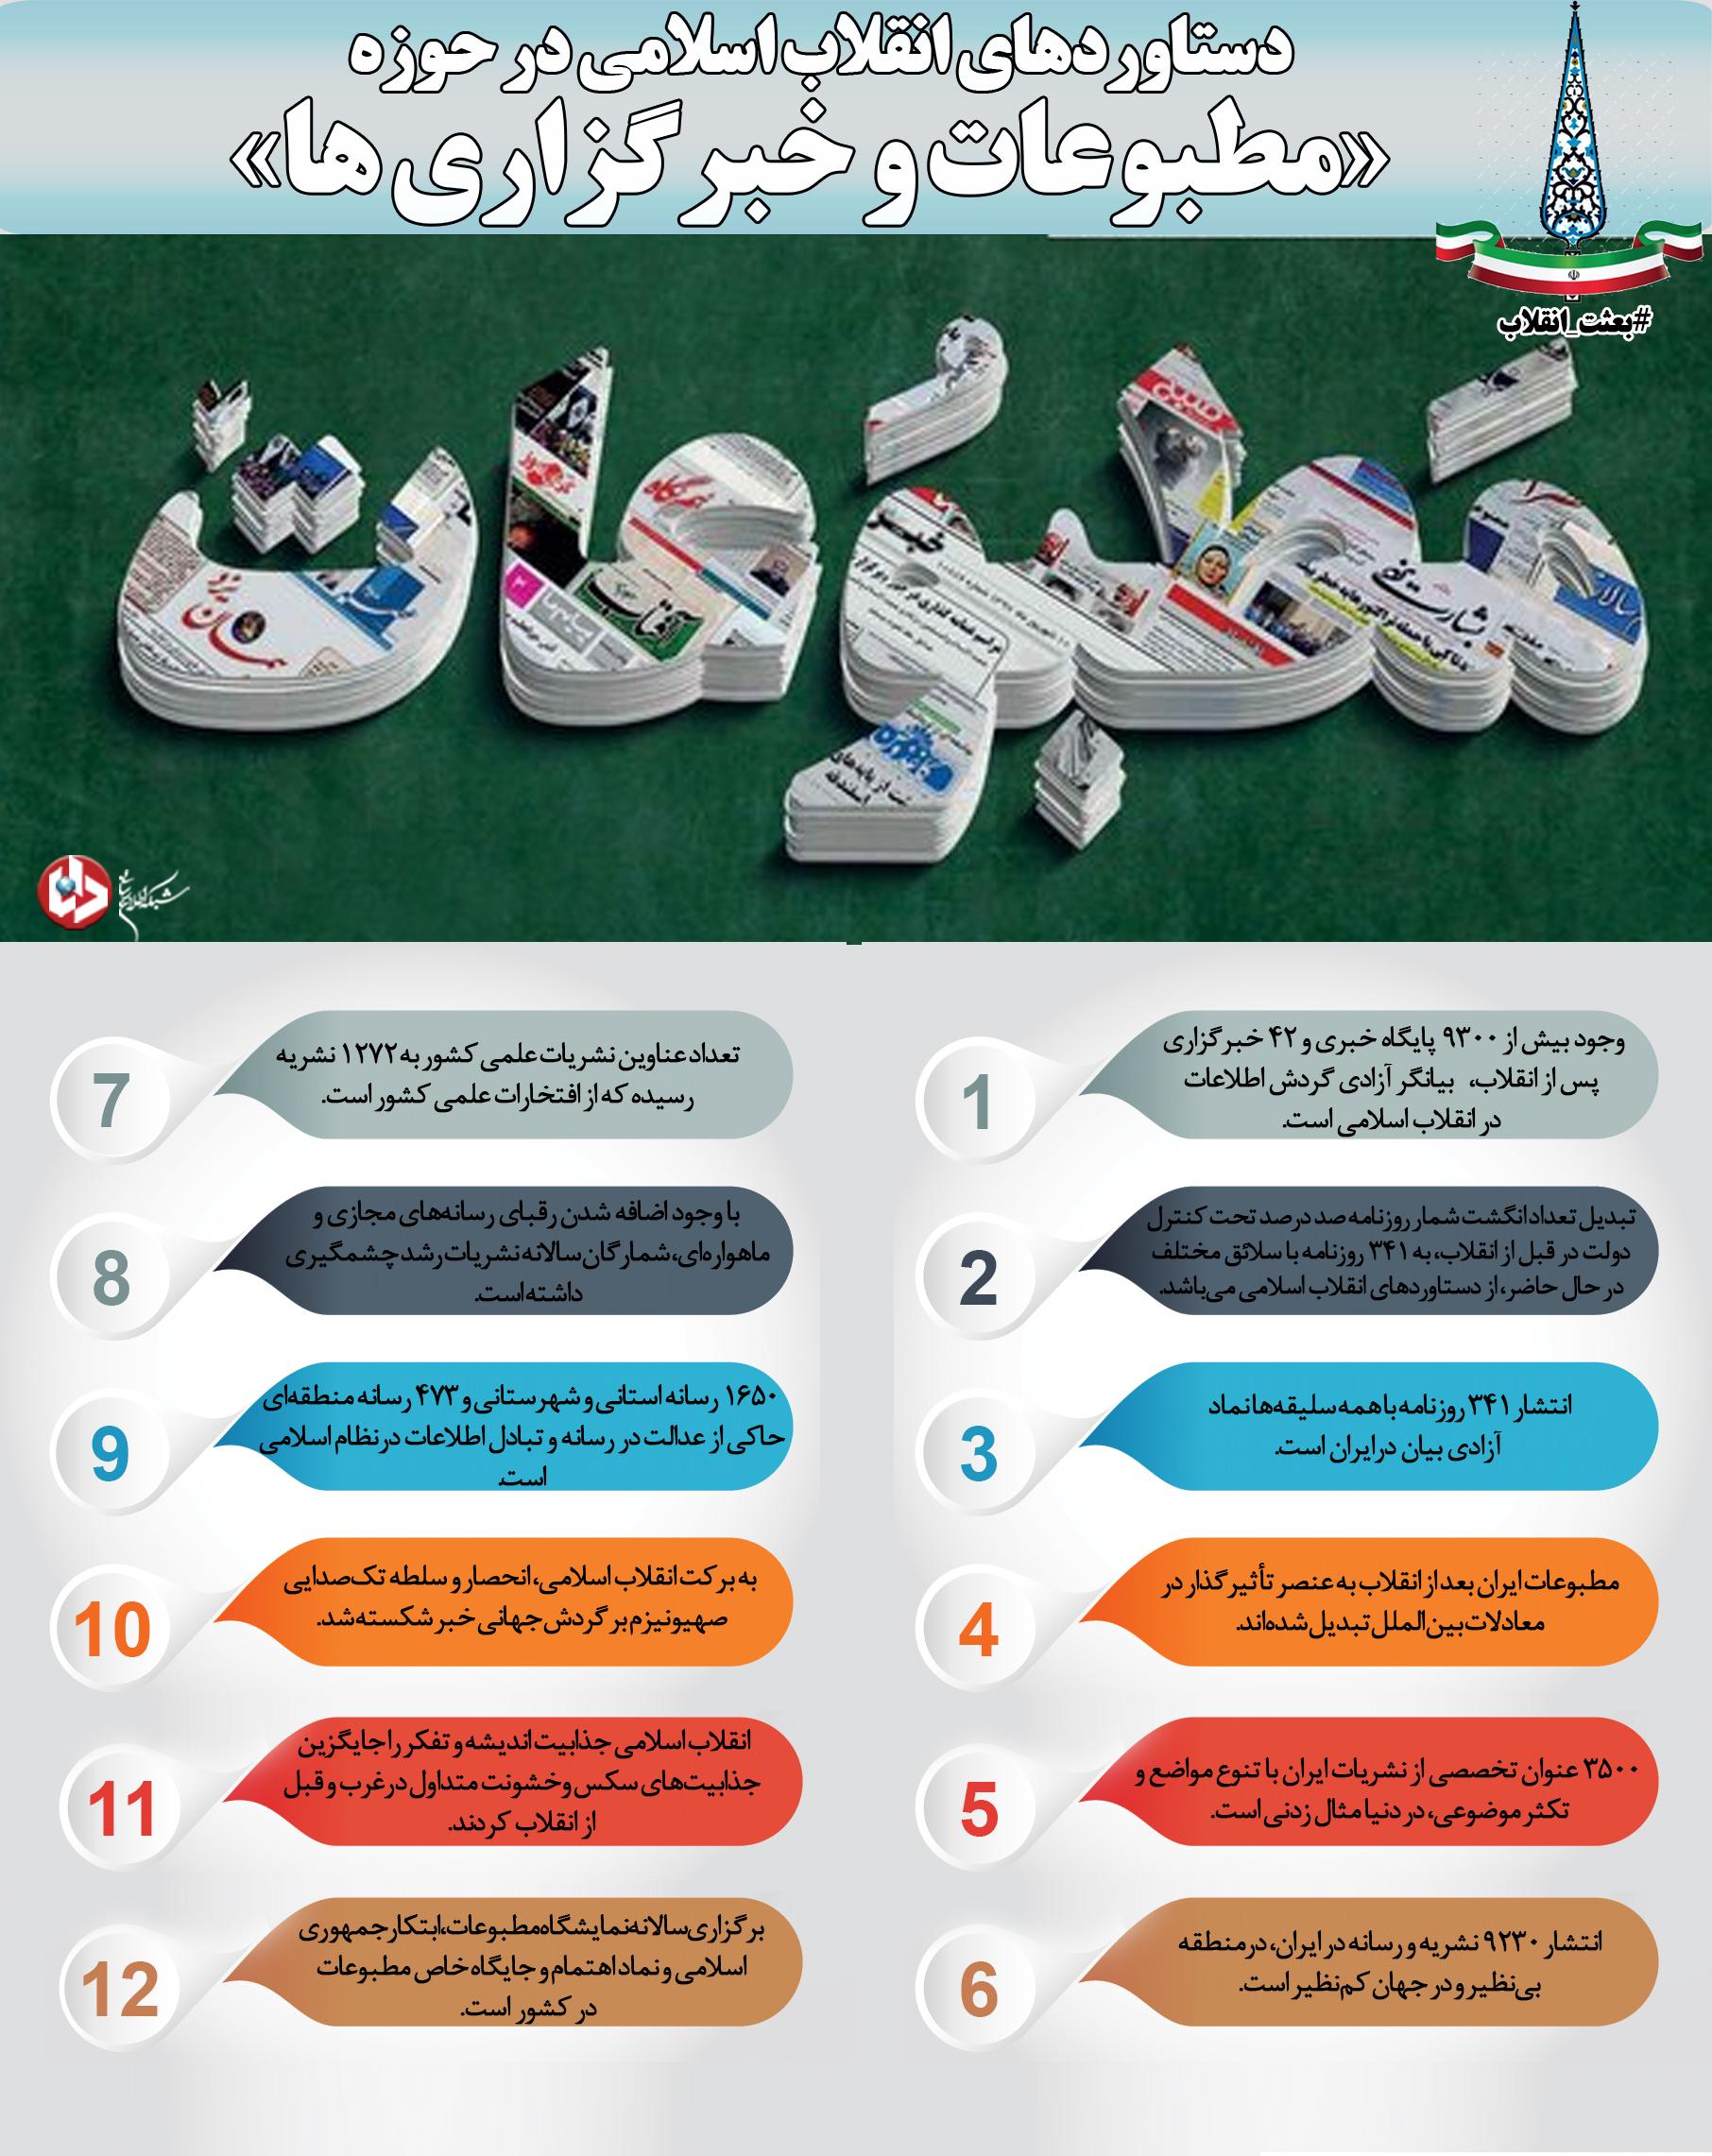 دستاوردهای انقلاب اسلامی در حوزه مطبوعات + اینفوگراف